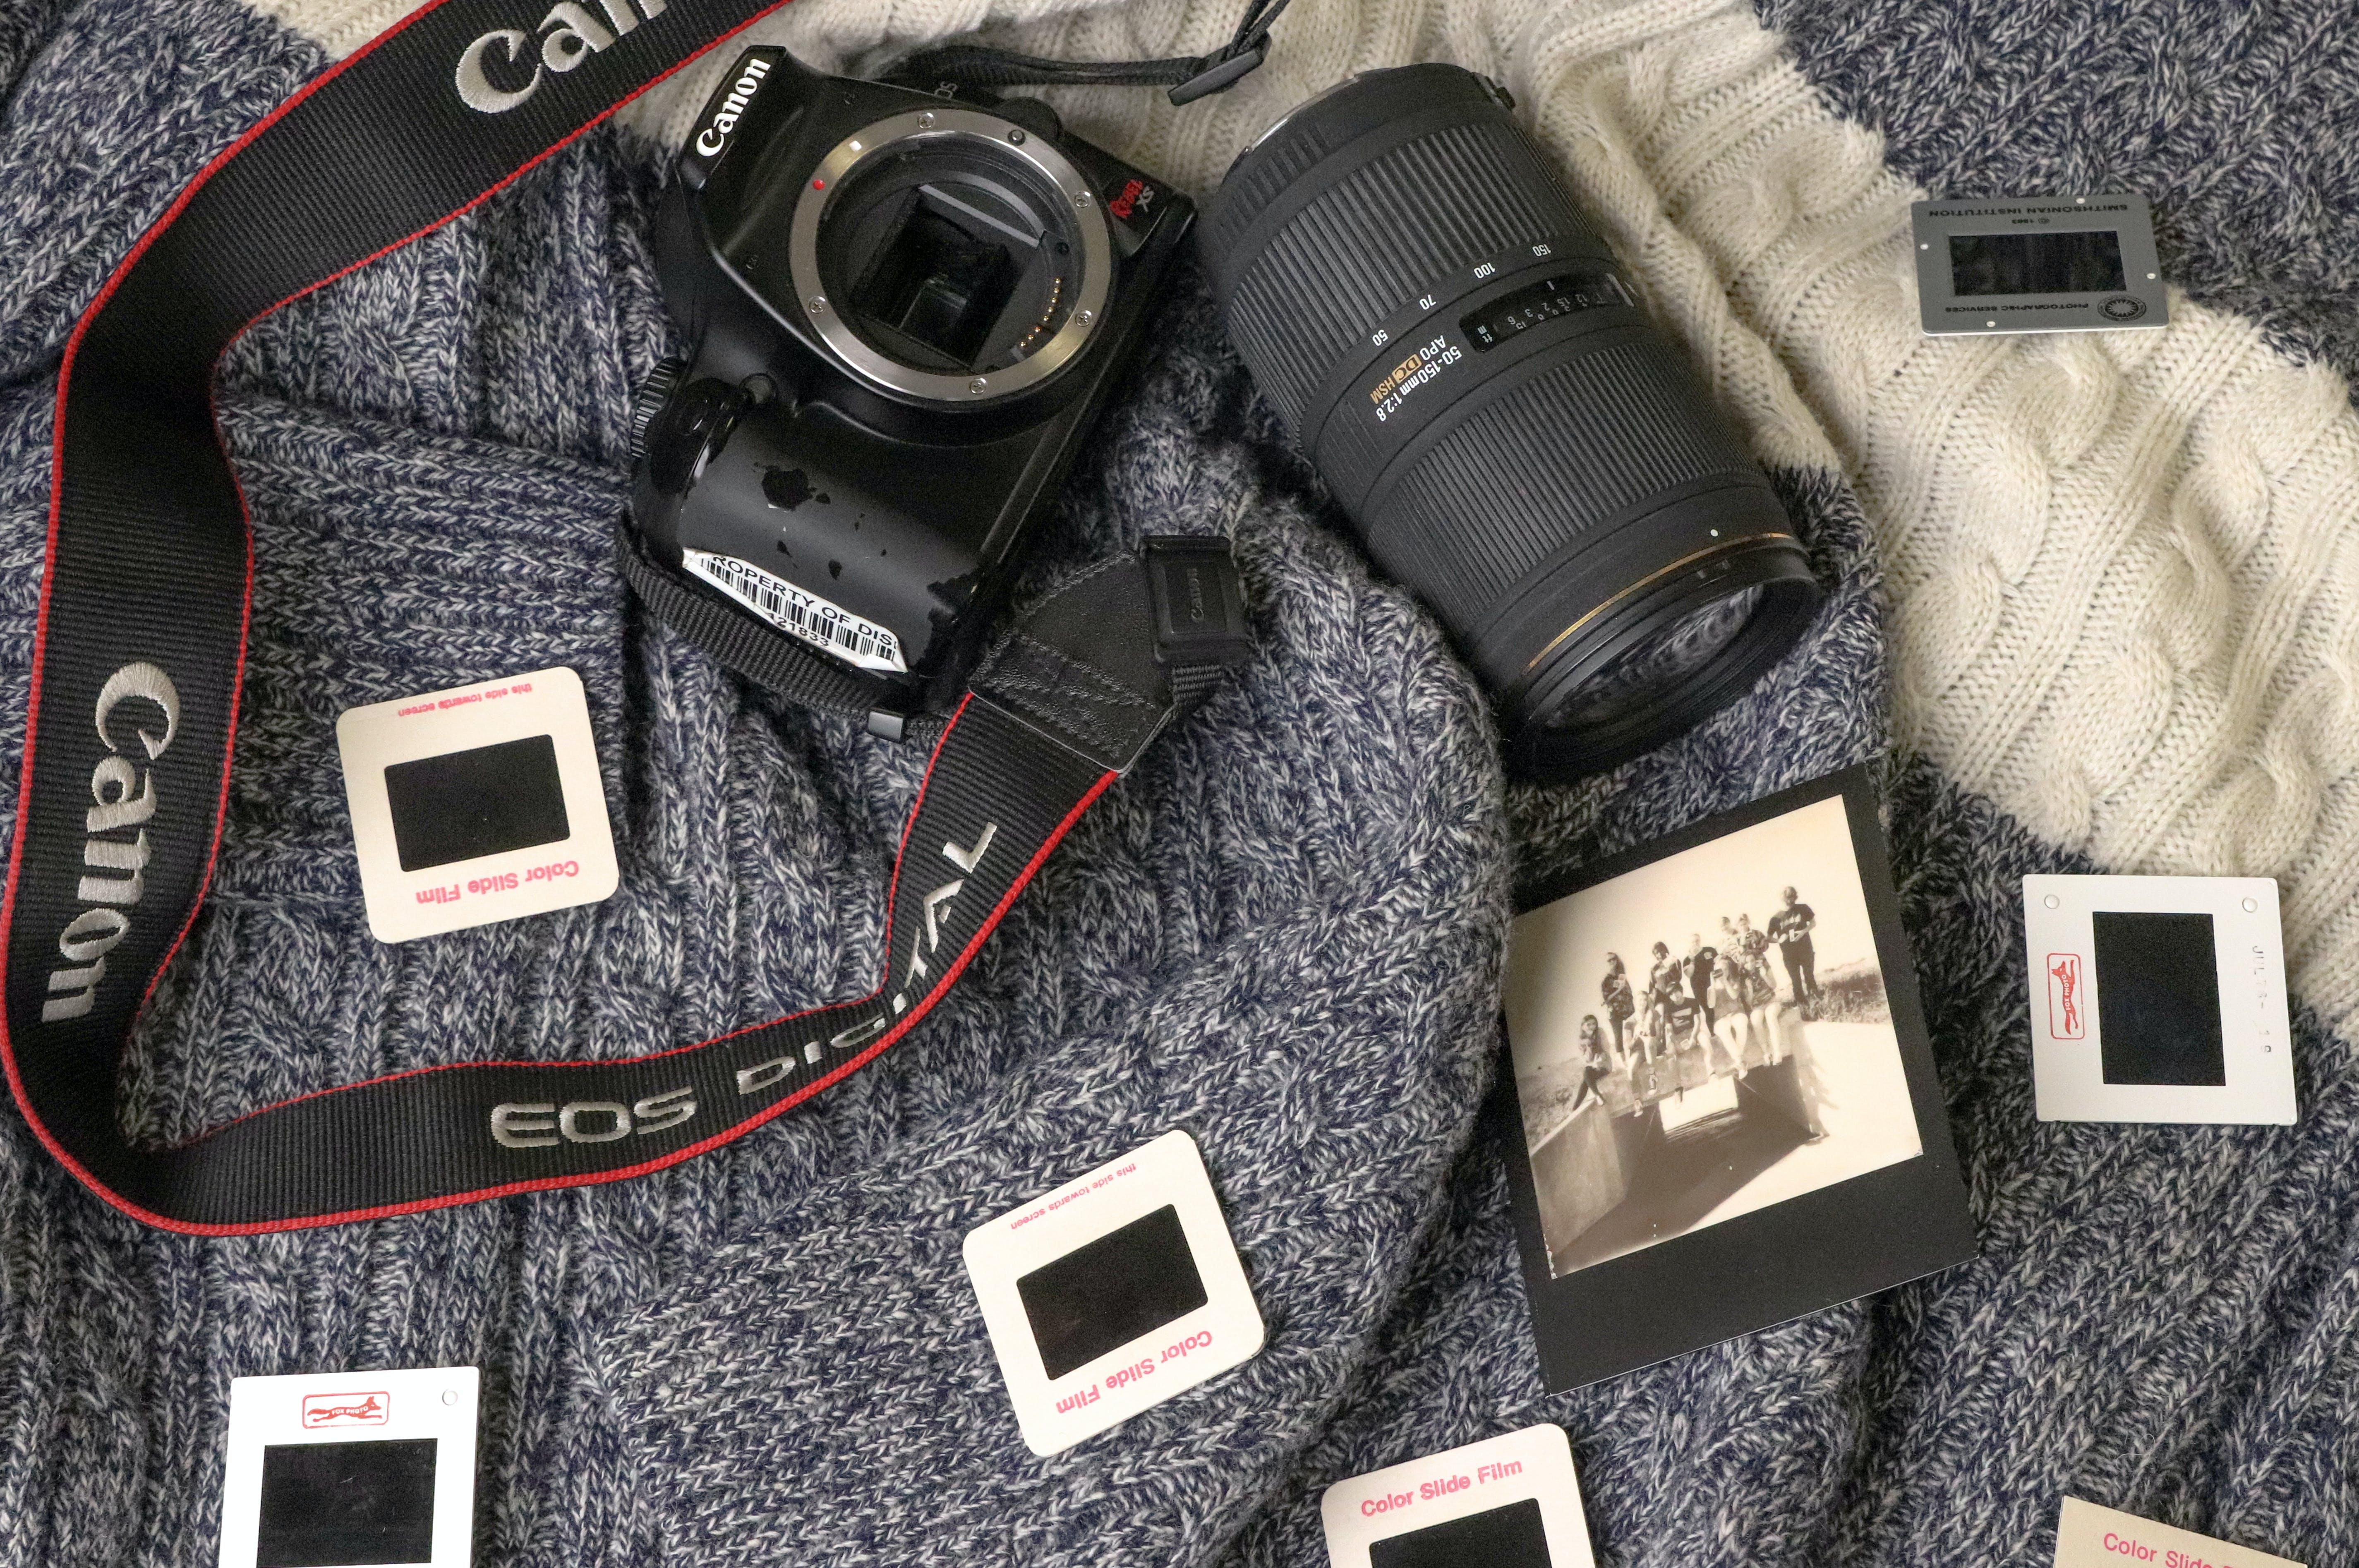 Immagine gratuita di 35mm, coperta, dslr, flat lay